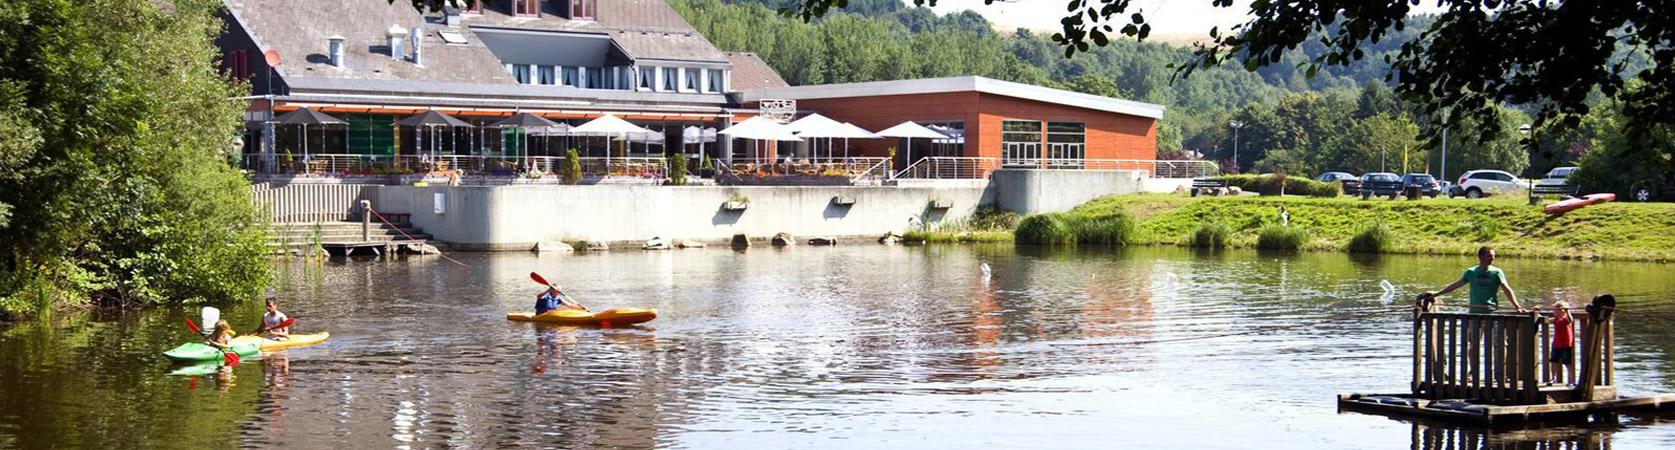 Vakantiepark Hambachtal - Vakantiepark in Duitsland, Rijnland-Palts